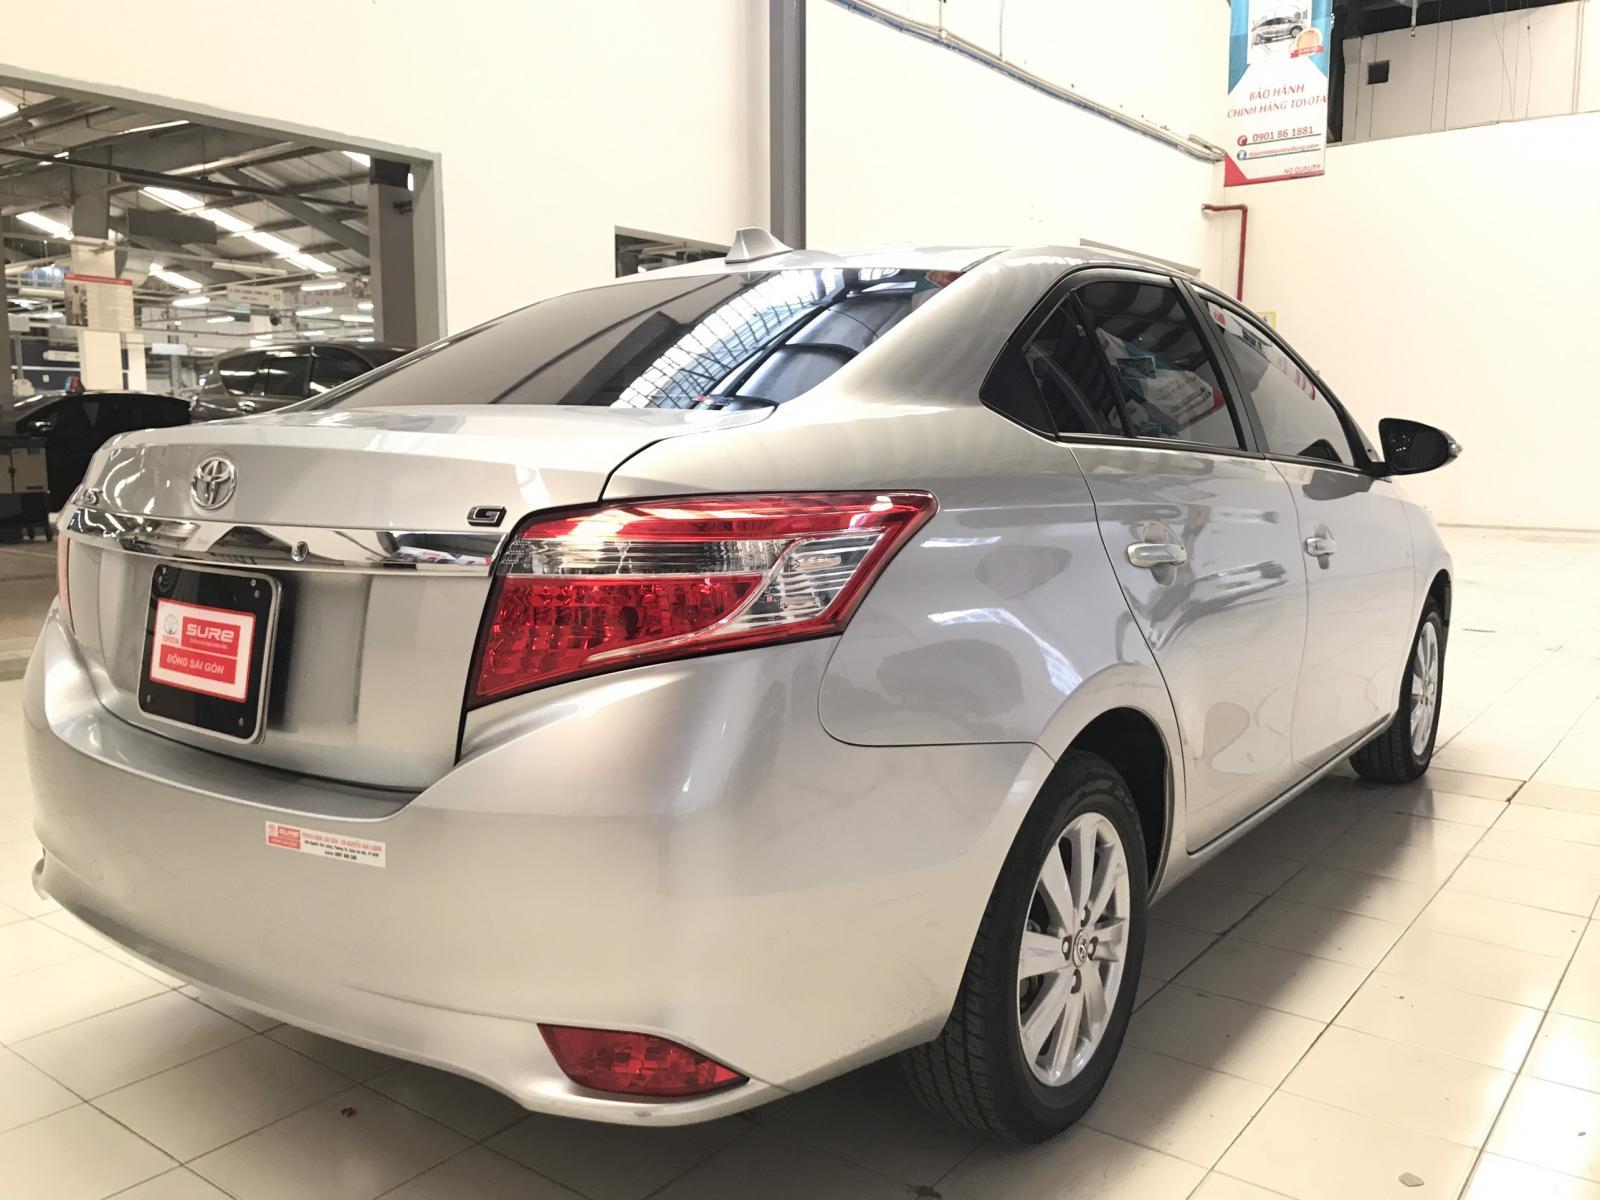 Bán xe Toyota Vios G đời 2017, màu bạc lướt 21.000km siêu đẹp